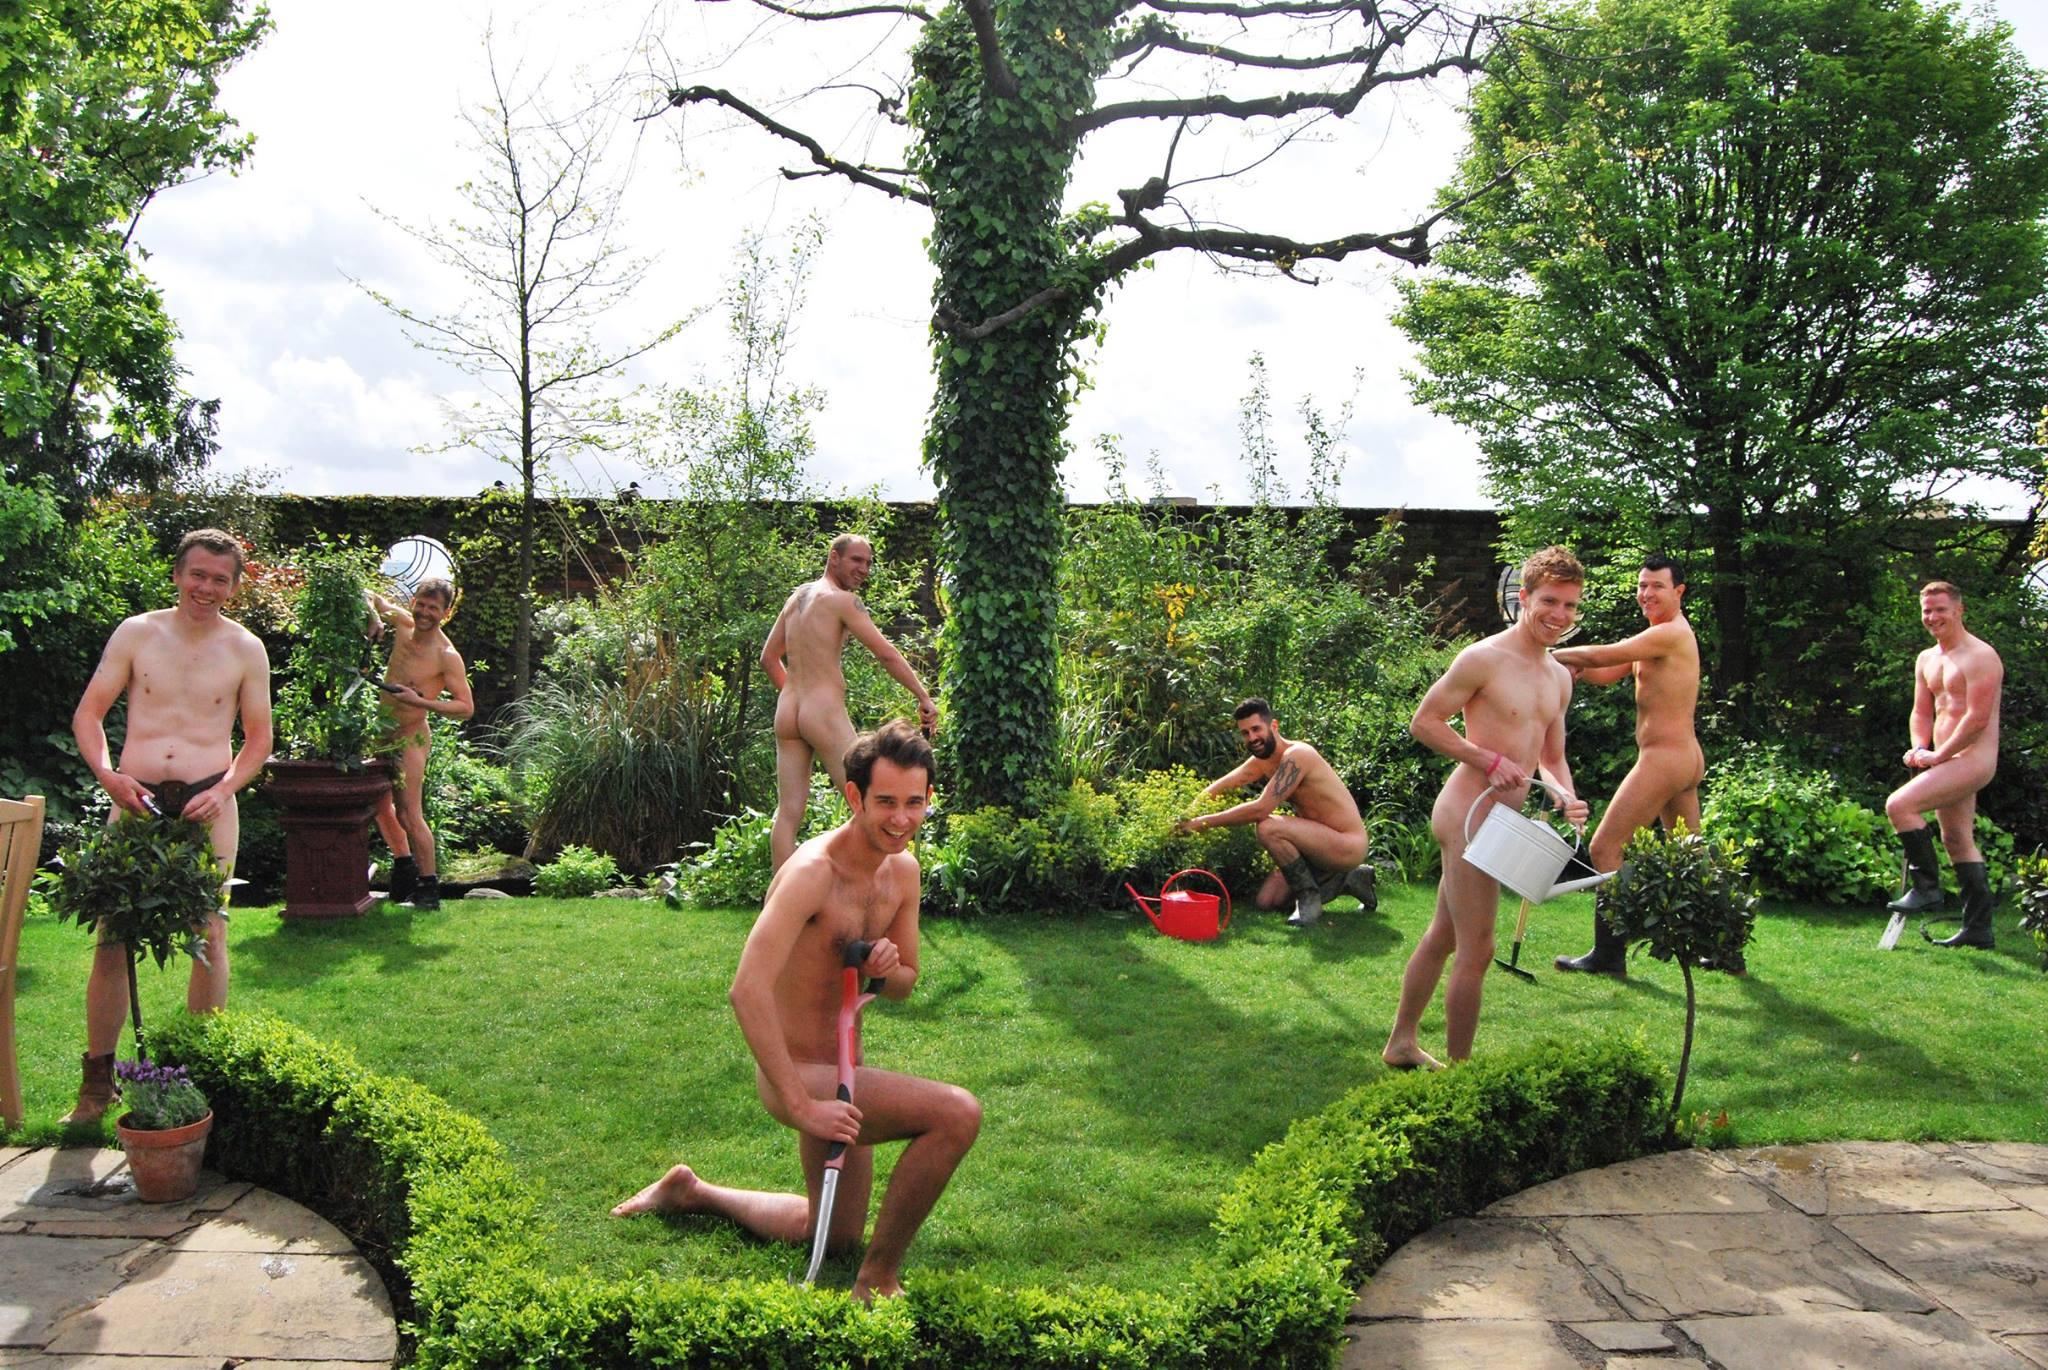 Nude in the garden